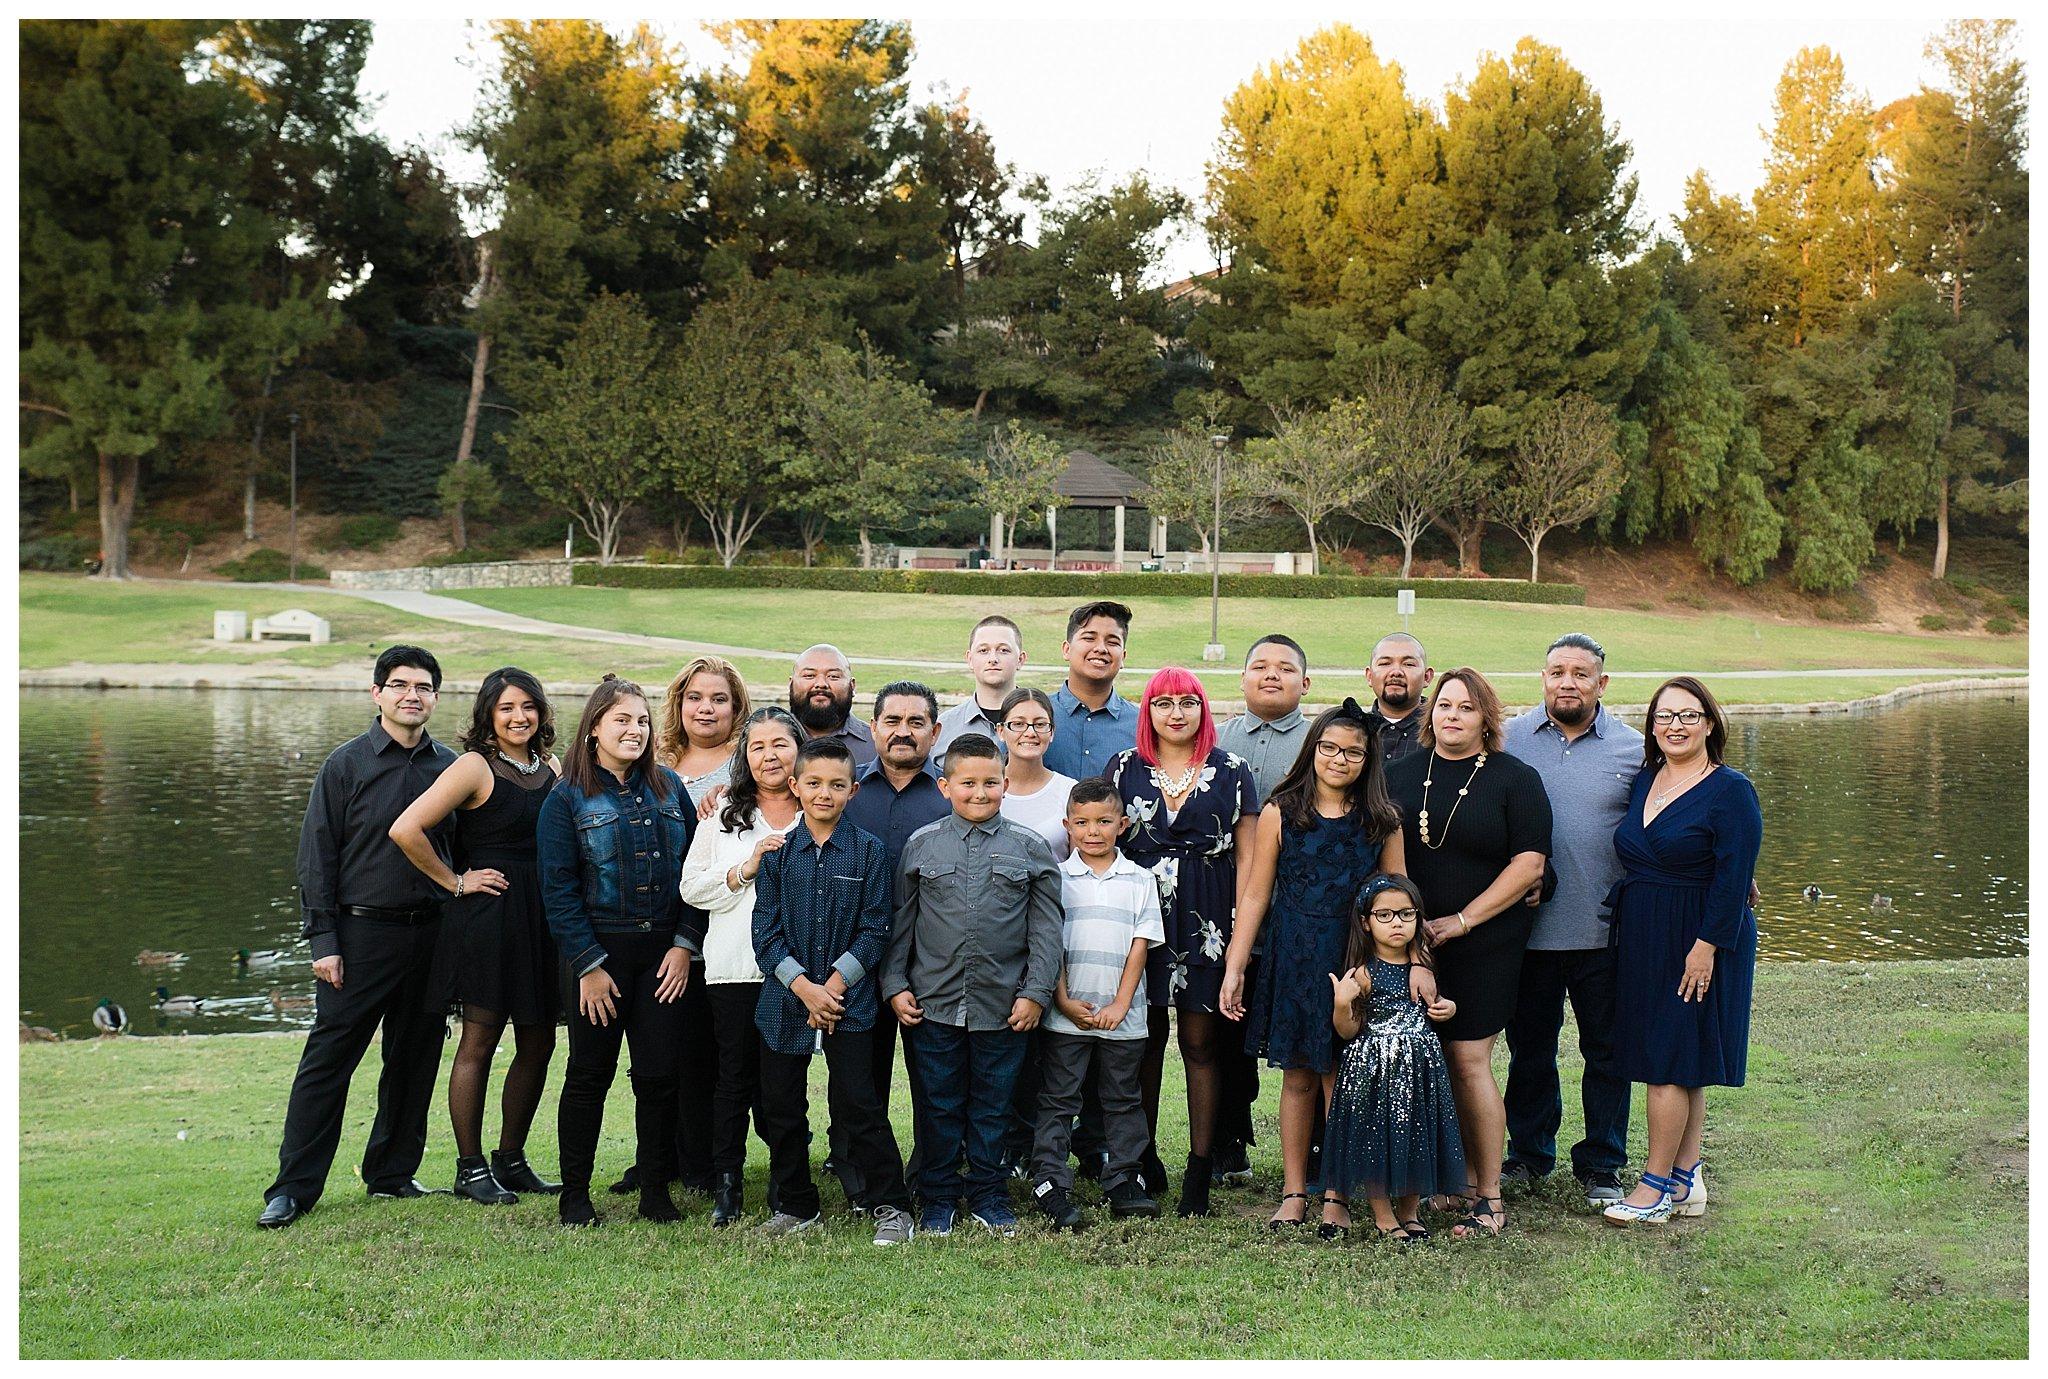 Celio-Family-2017-5887.jpg